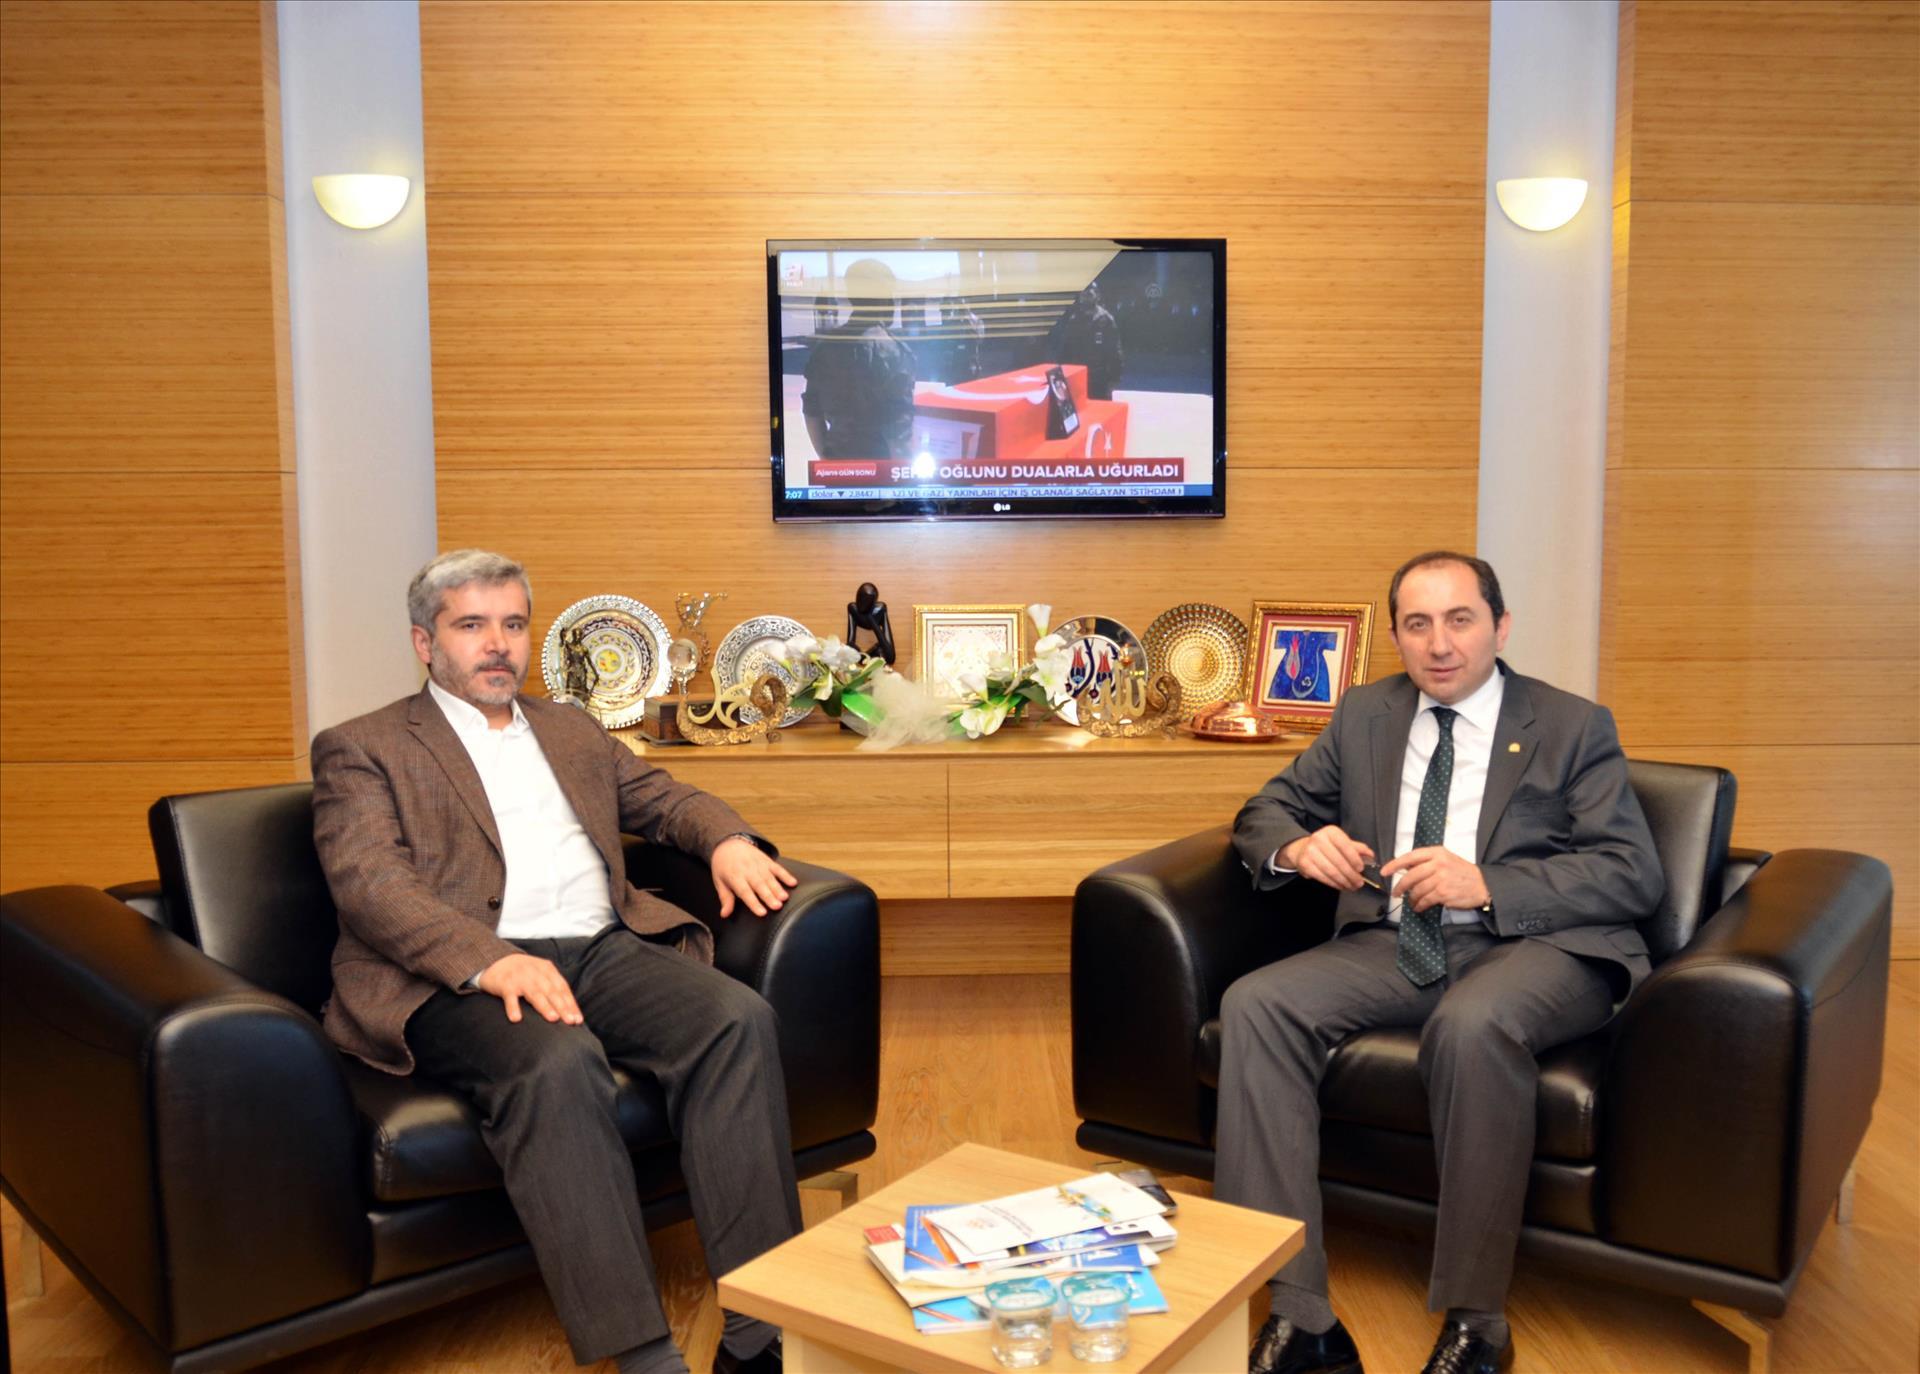 Aksaray Üniversitesi Rektörü  Prof. Dr. Şahin'den Rektörümüze Ziyaret